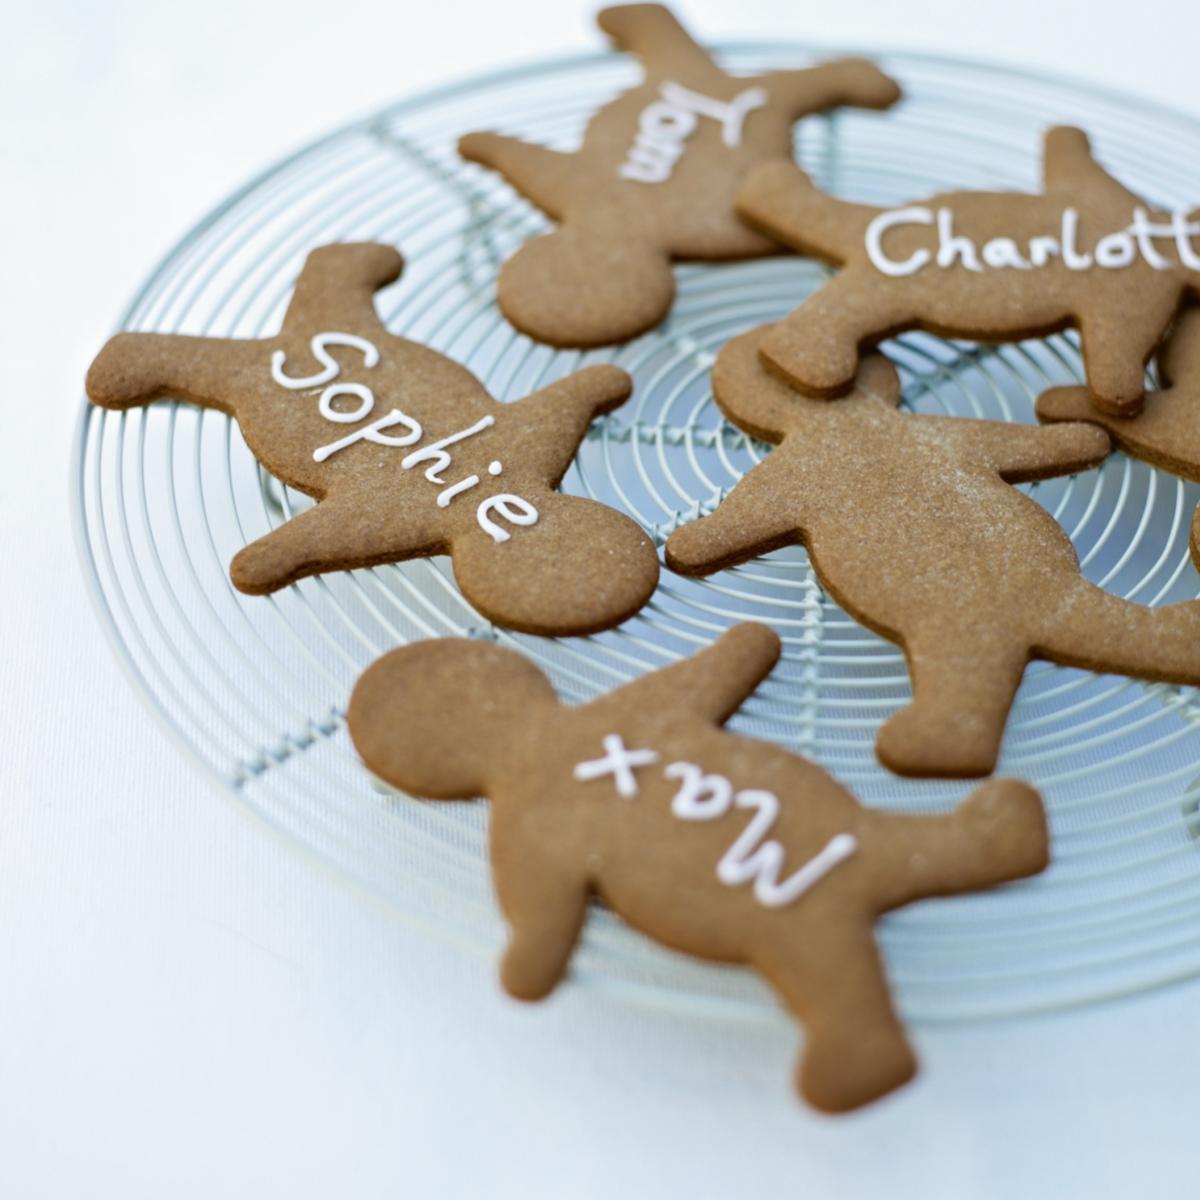 A picture of Delia's Gingerbread Men recipe